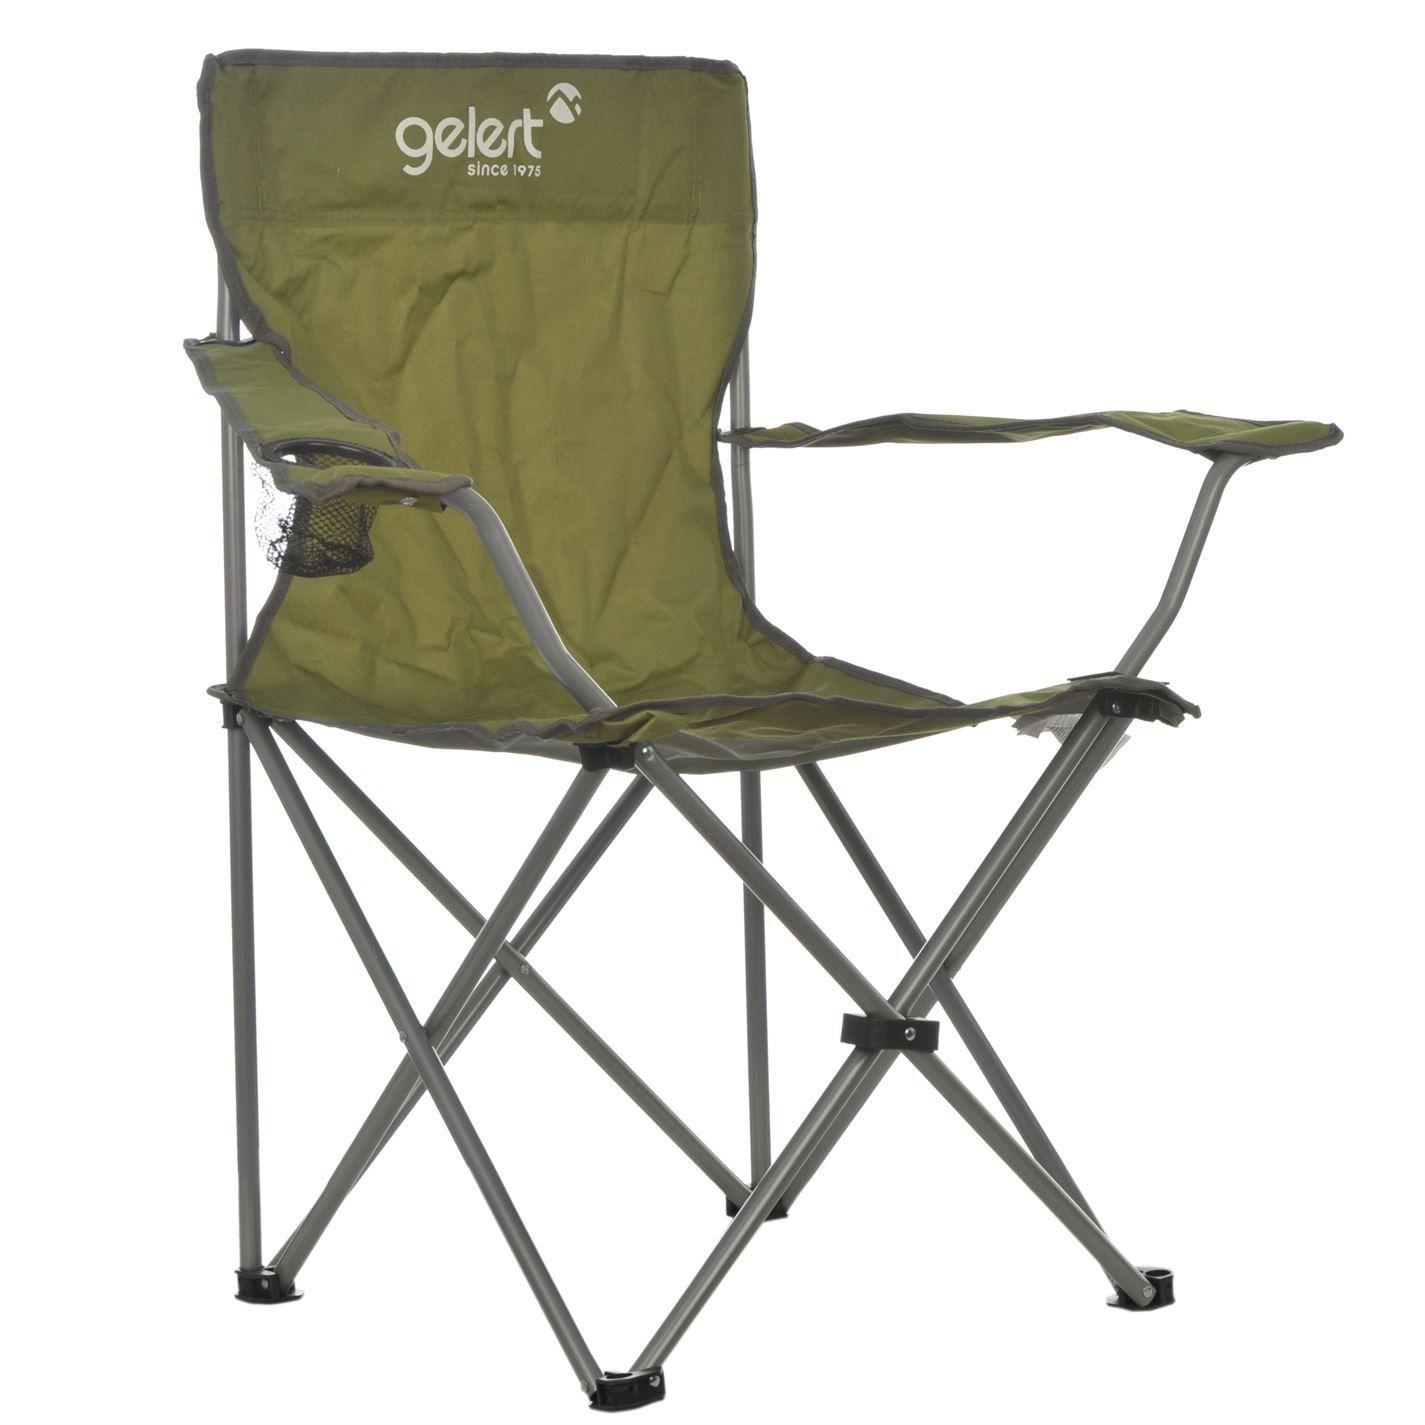 Gelert Gelert Camping Chair